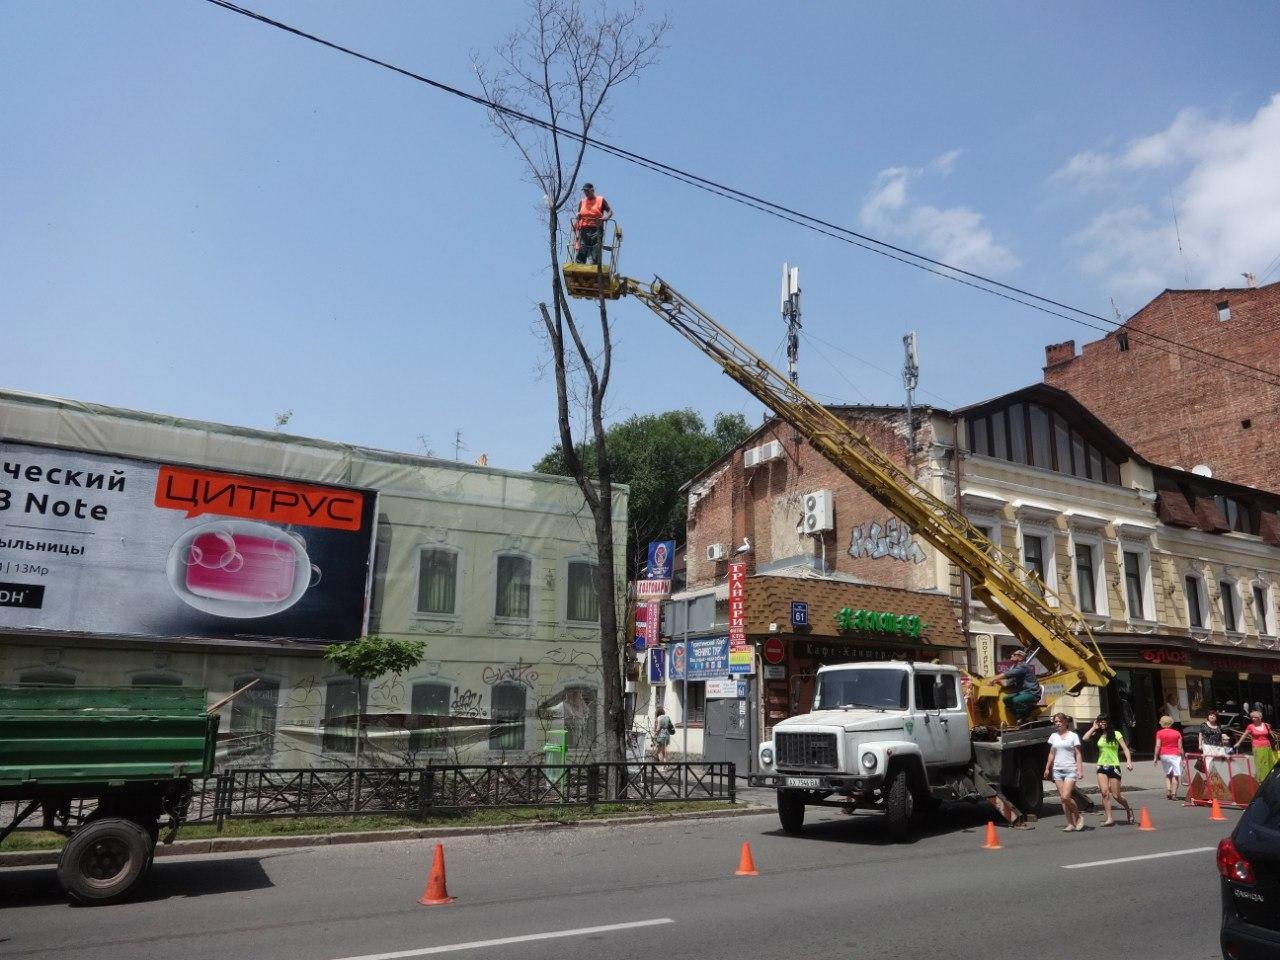 Харьковчане рискуют жизнью в центре города (ФОТО, ВИДЕО)